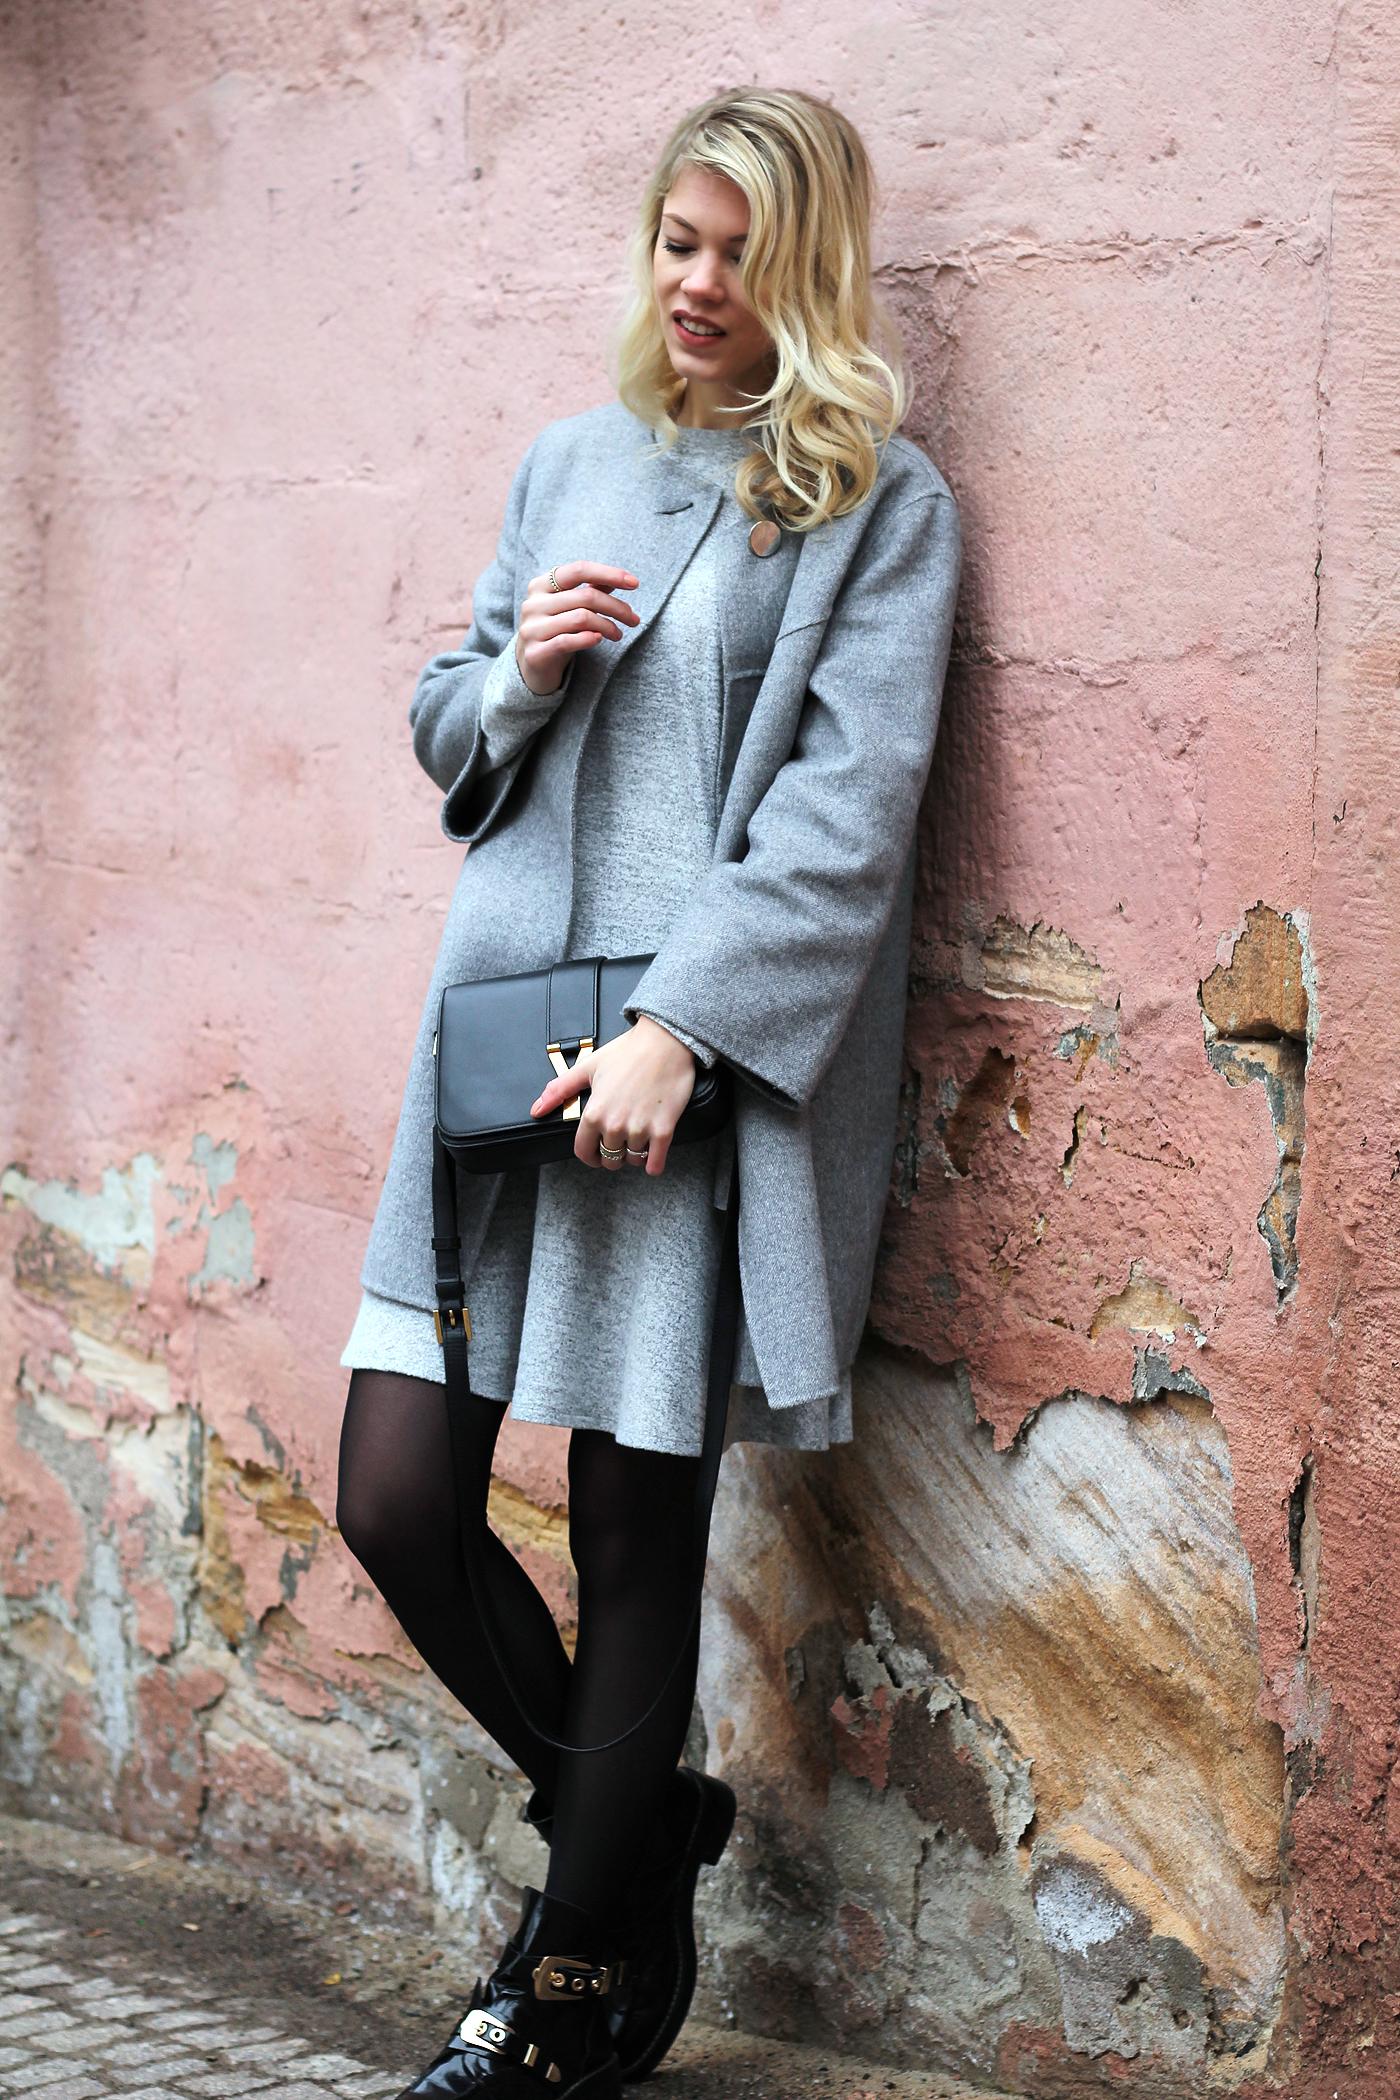 fashionblog_-somehappyshoes_friendship_Thomas_-Sabo_Ringe_Gold_Silber